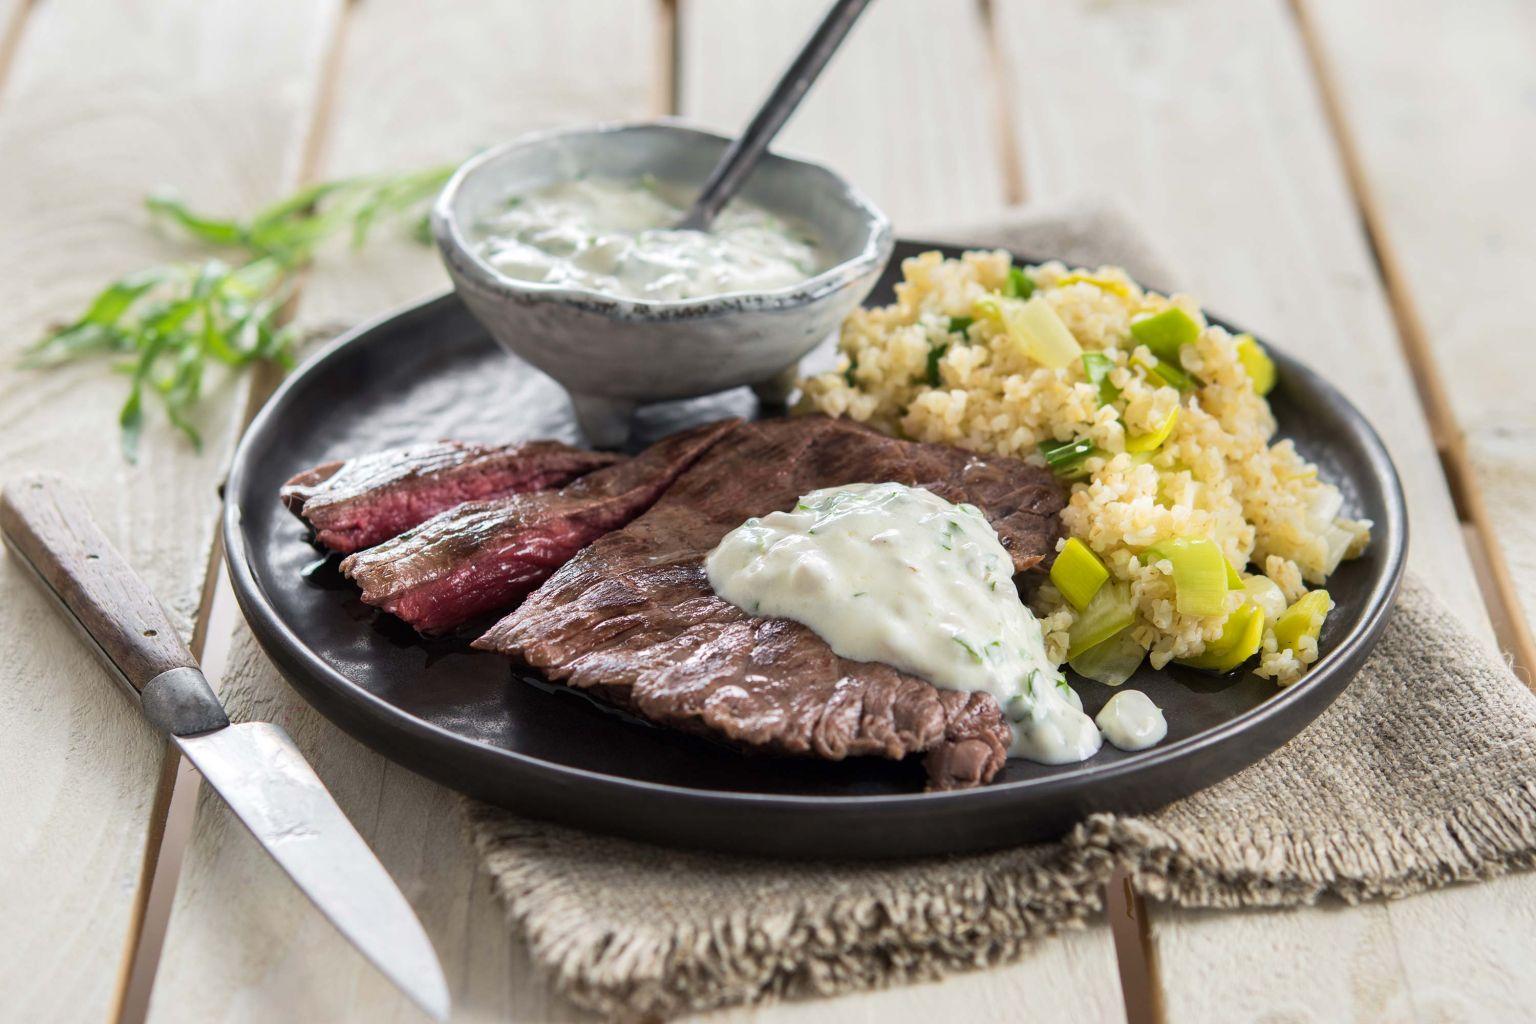 Steak de bœuf, sauce béarnaise au fromage frais